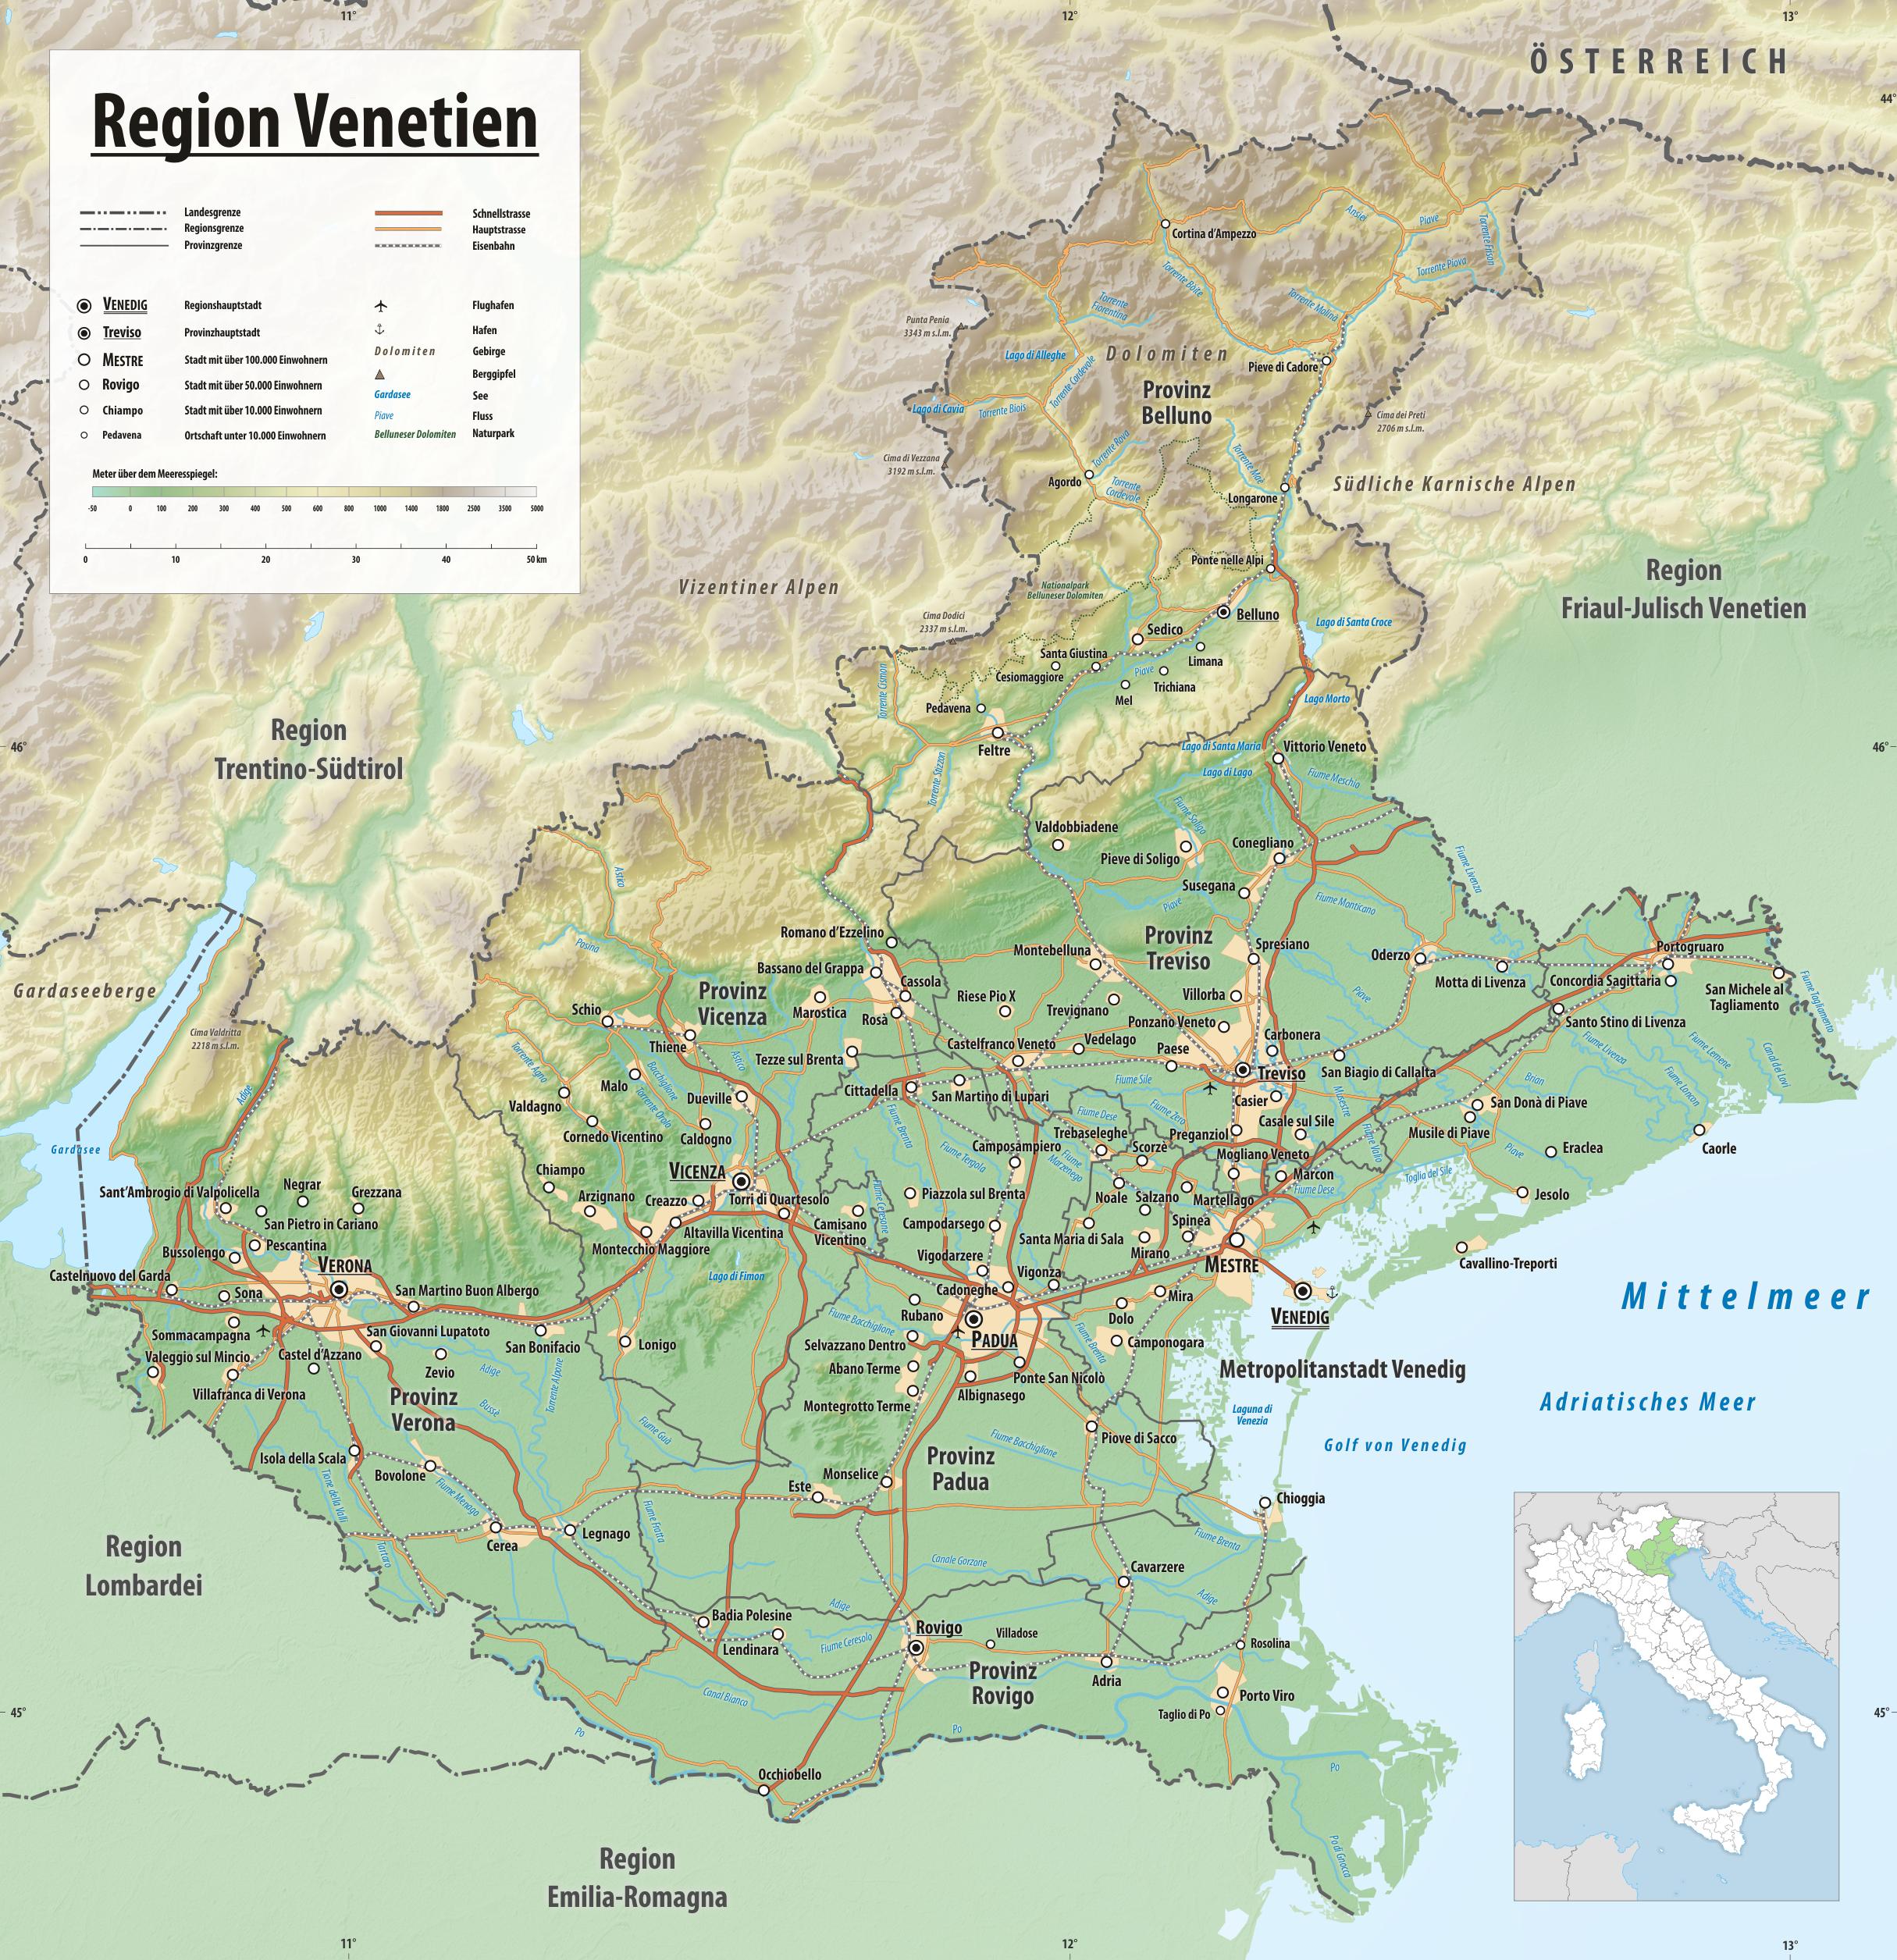 Reliefkarte Venetien 2019.png